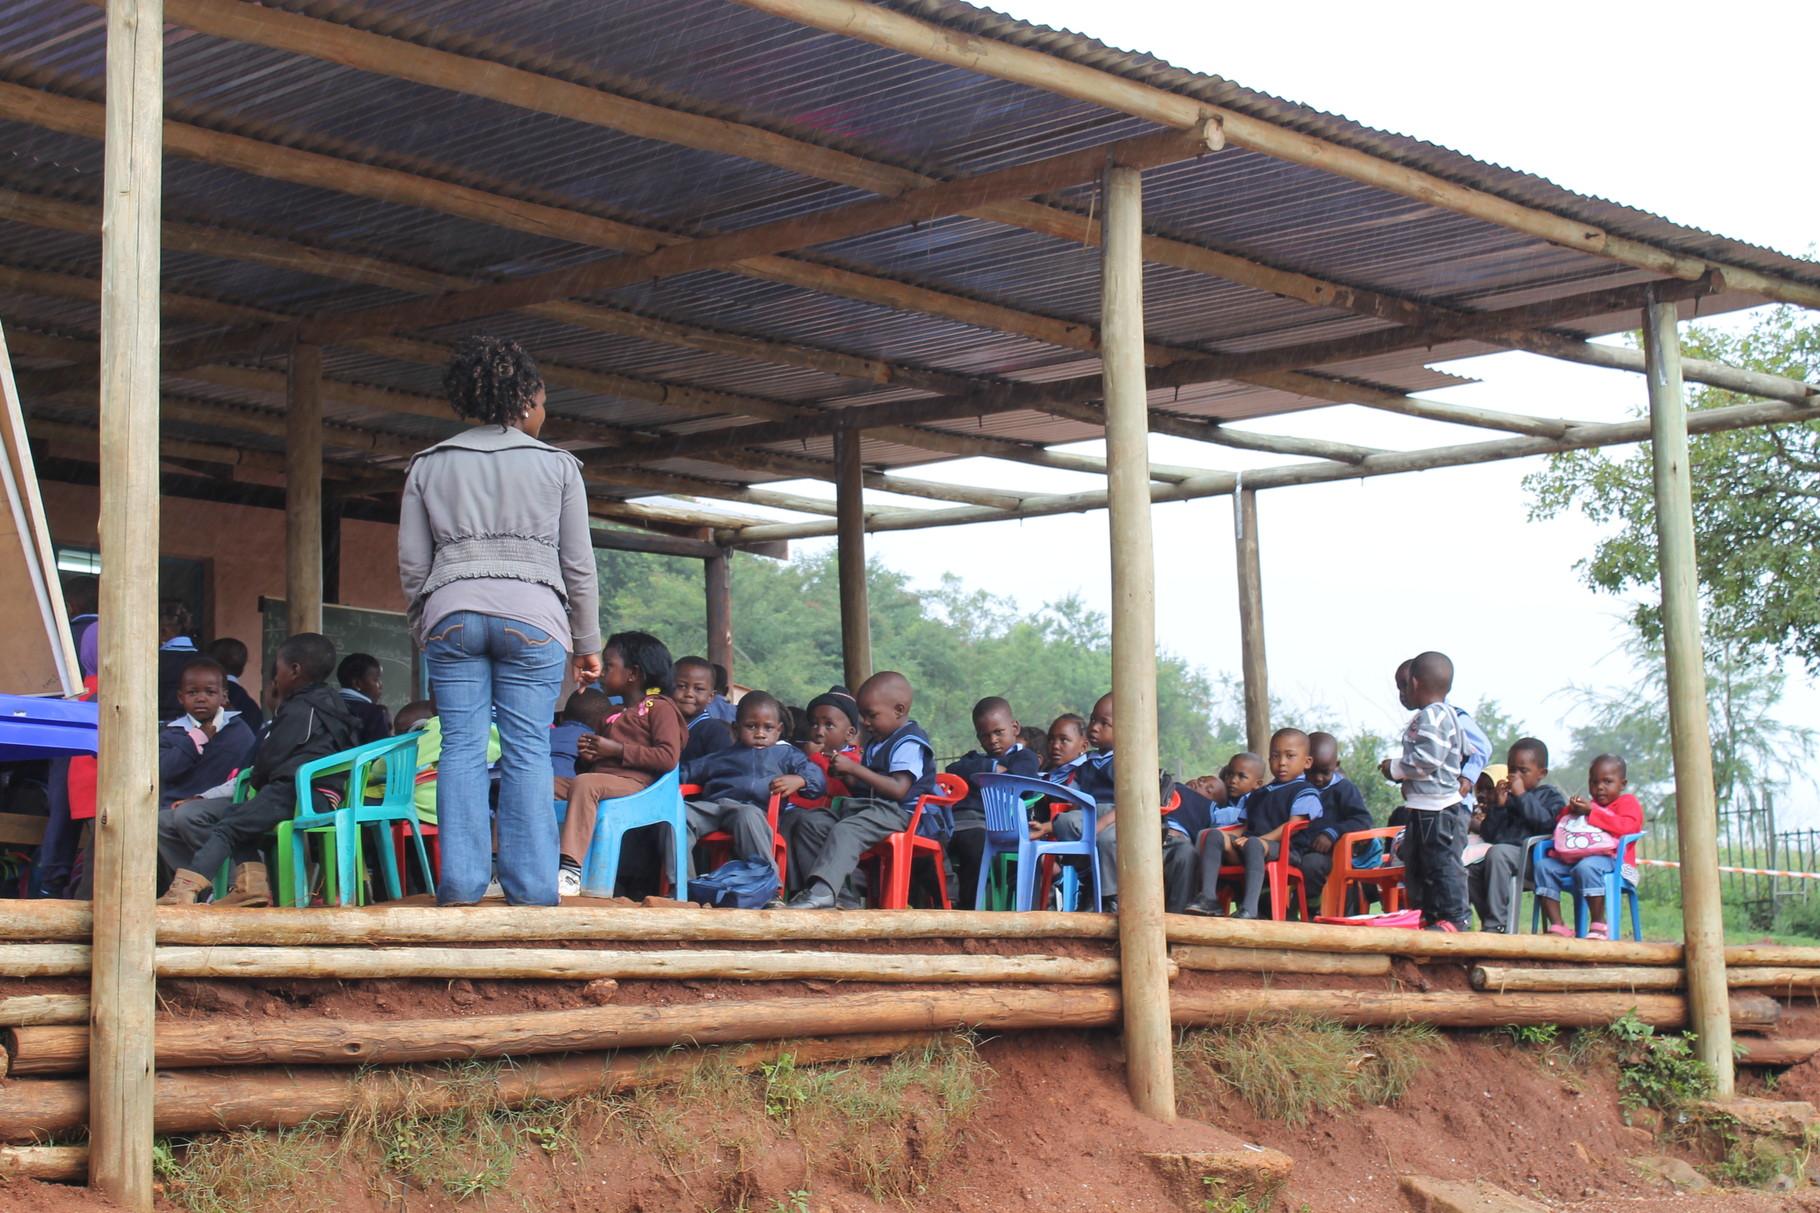 Regentag! 120 Kinder unter dem kleinen Unterstand